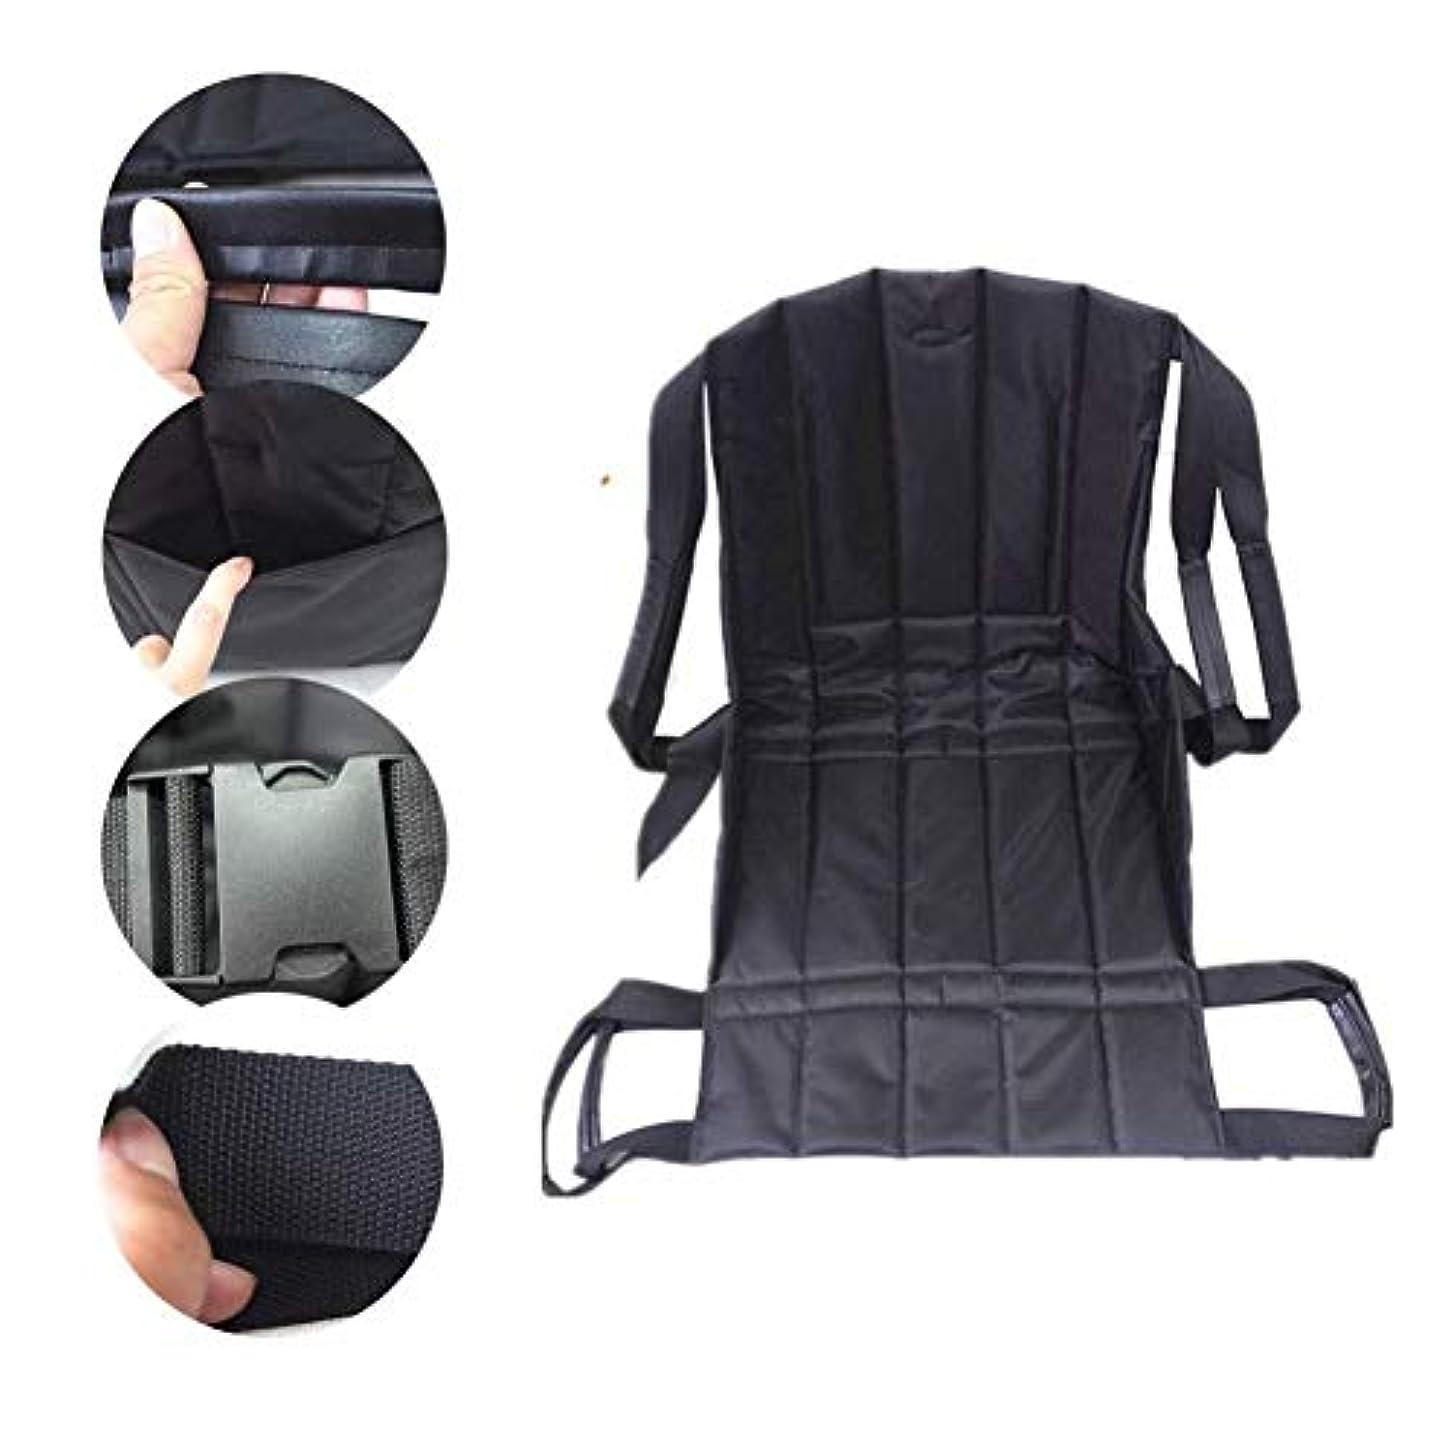 カウント瀬戸際効果的トランスファーボードスライドベルト-患者リフトベッド支援デバイス-患者輸送リフトスリング-位置決めベッドパッド